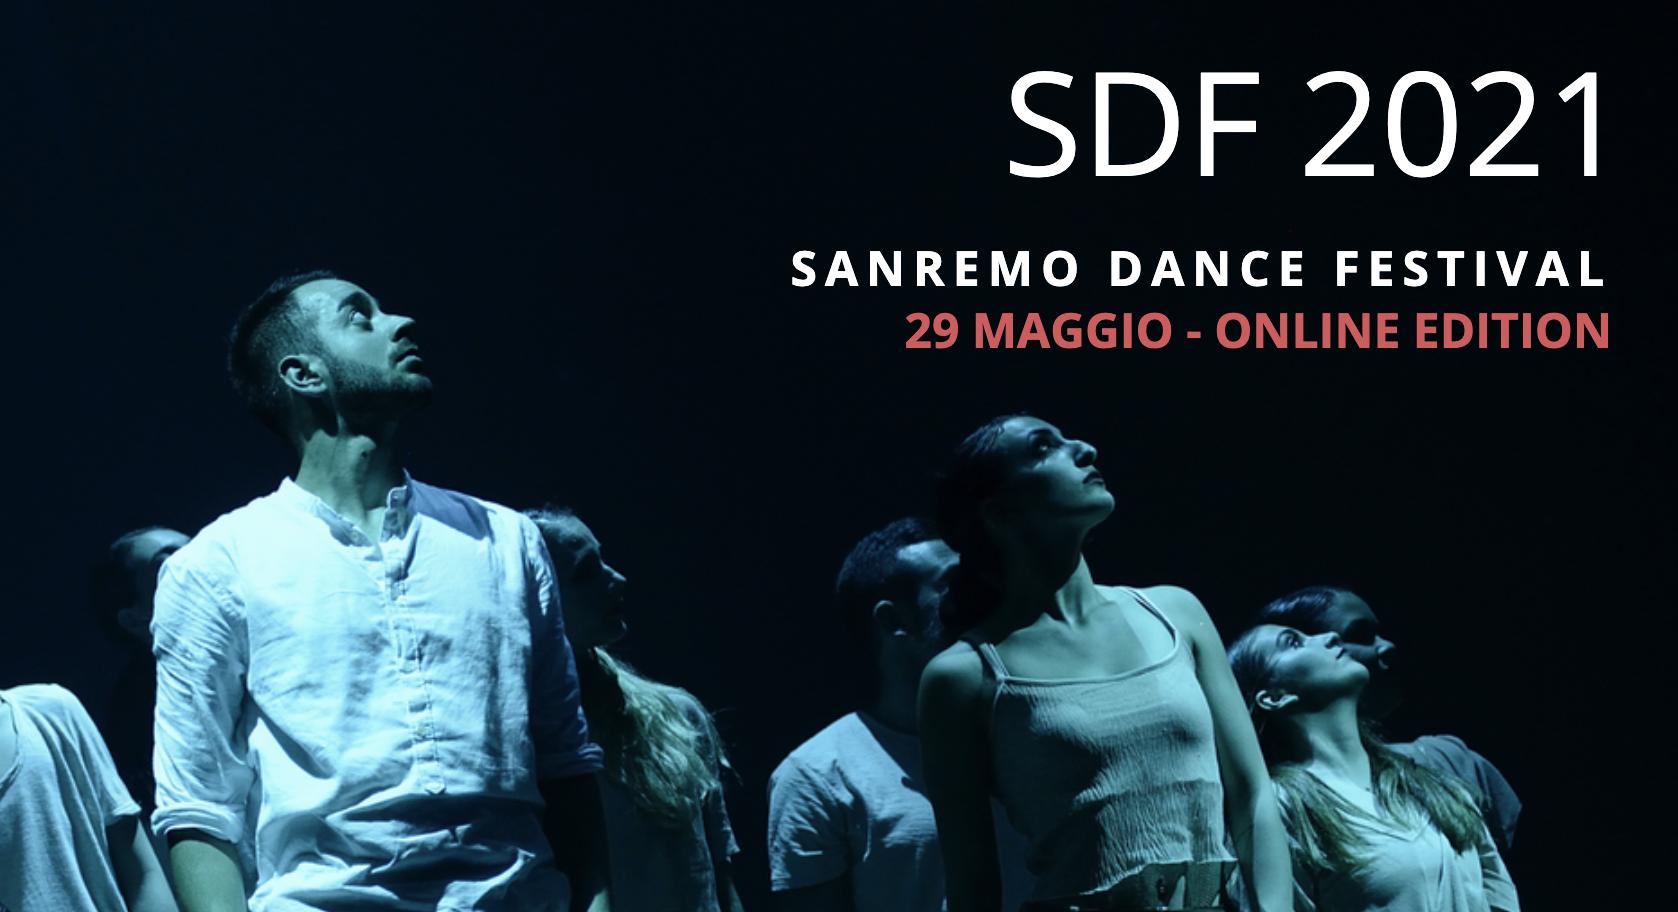 sanremo dance festival